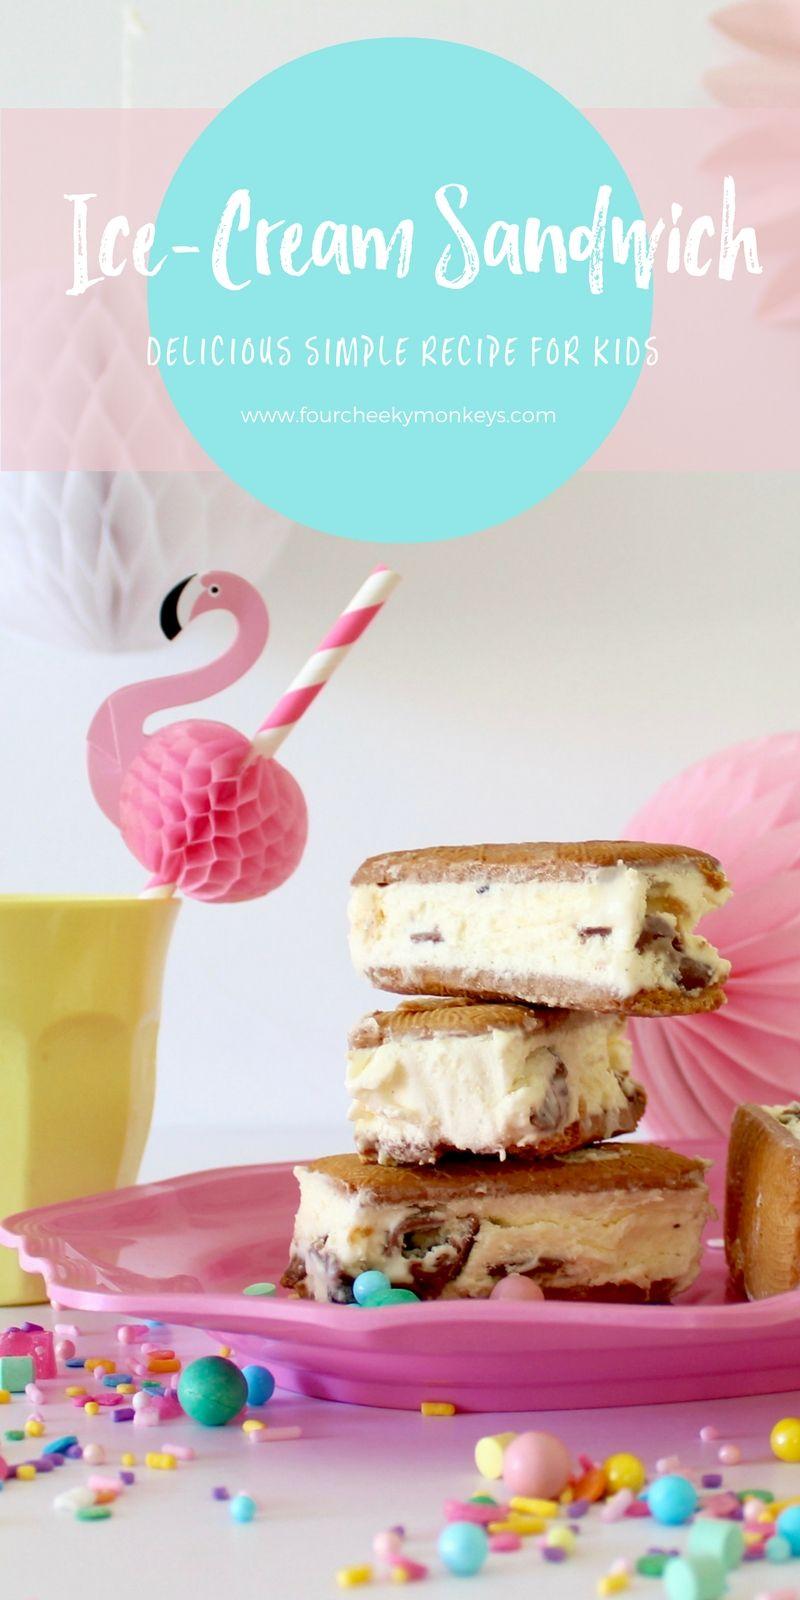 Delicious IceCream Sandwiches Easy ice cream sandwich recipe